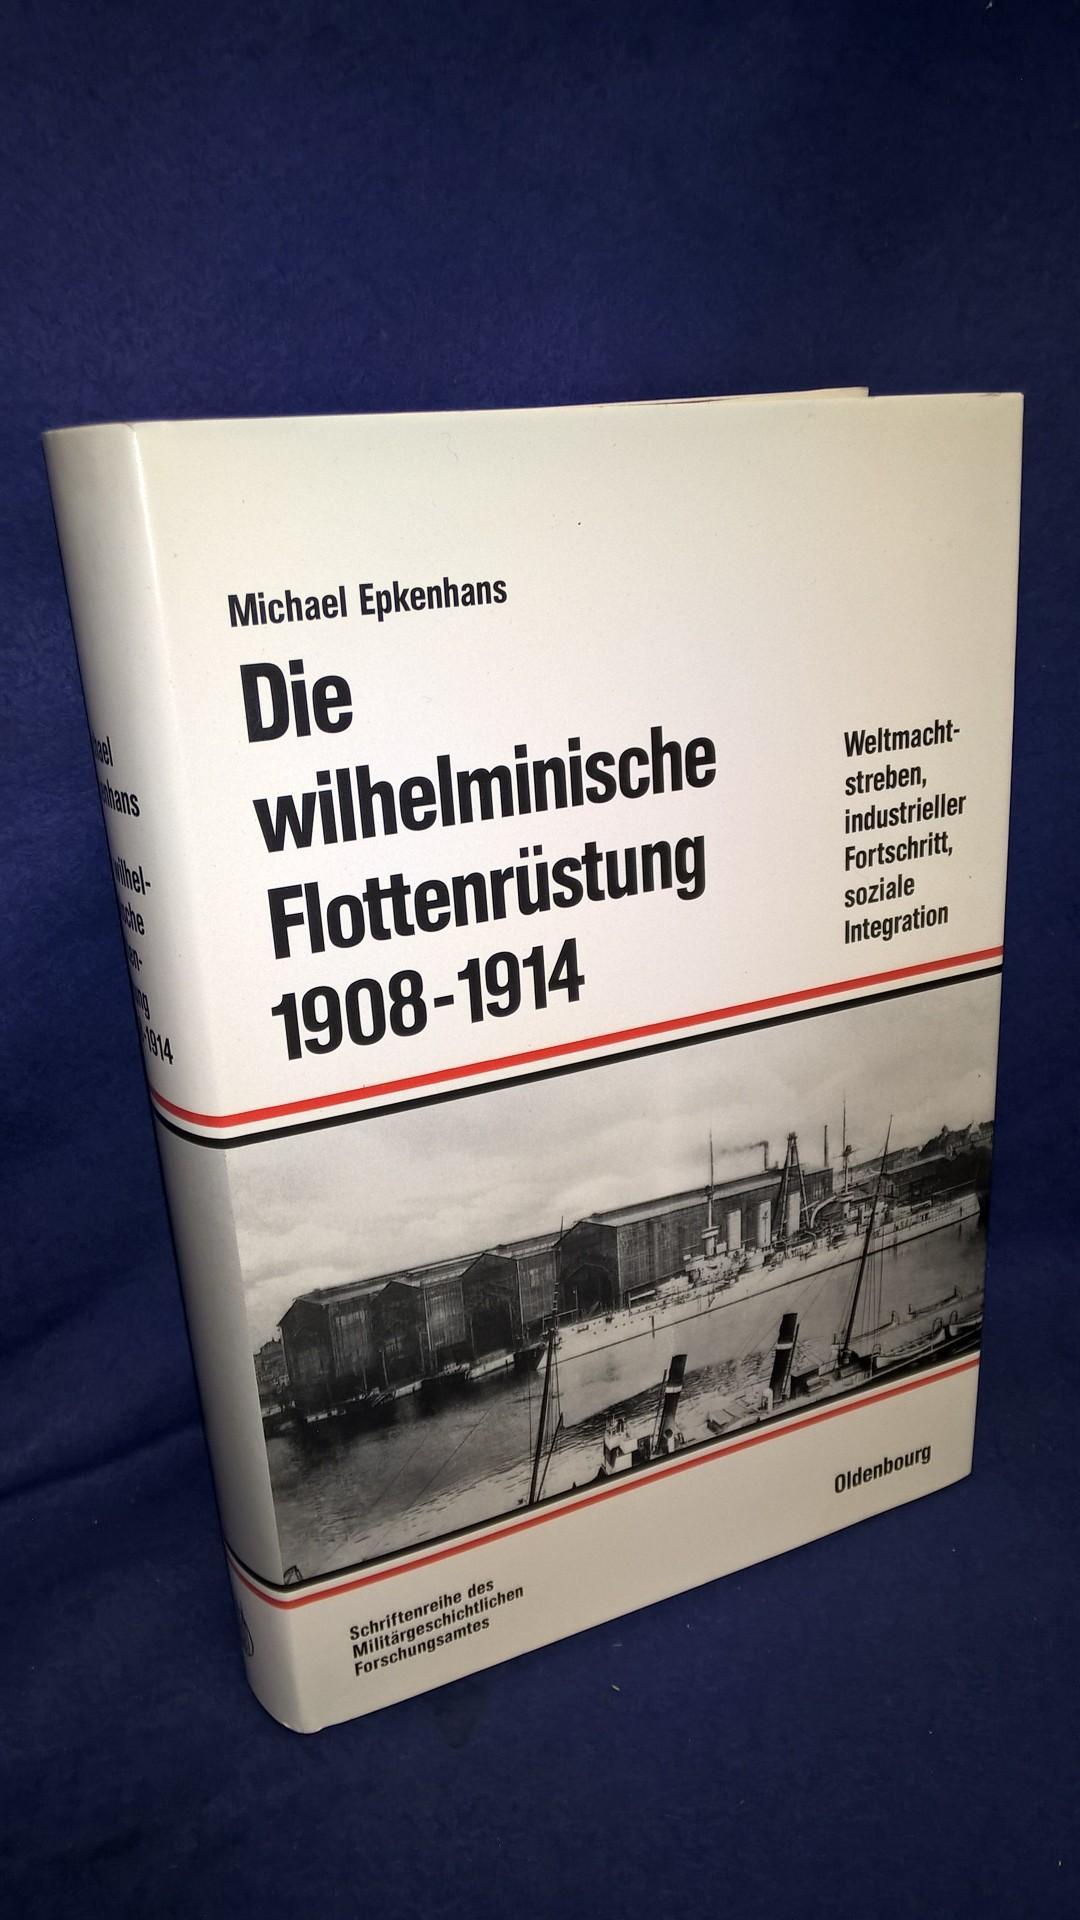 Beiträge zur Militärgeschichte, Band 32: Die wilhelminische Flottenrüstung 1908 - 1914. Weltmachtstreben, industrieller Fortschritt, soziale Integration.